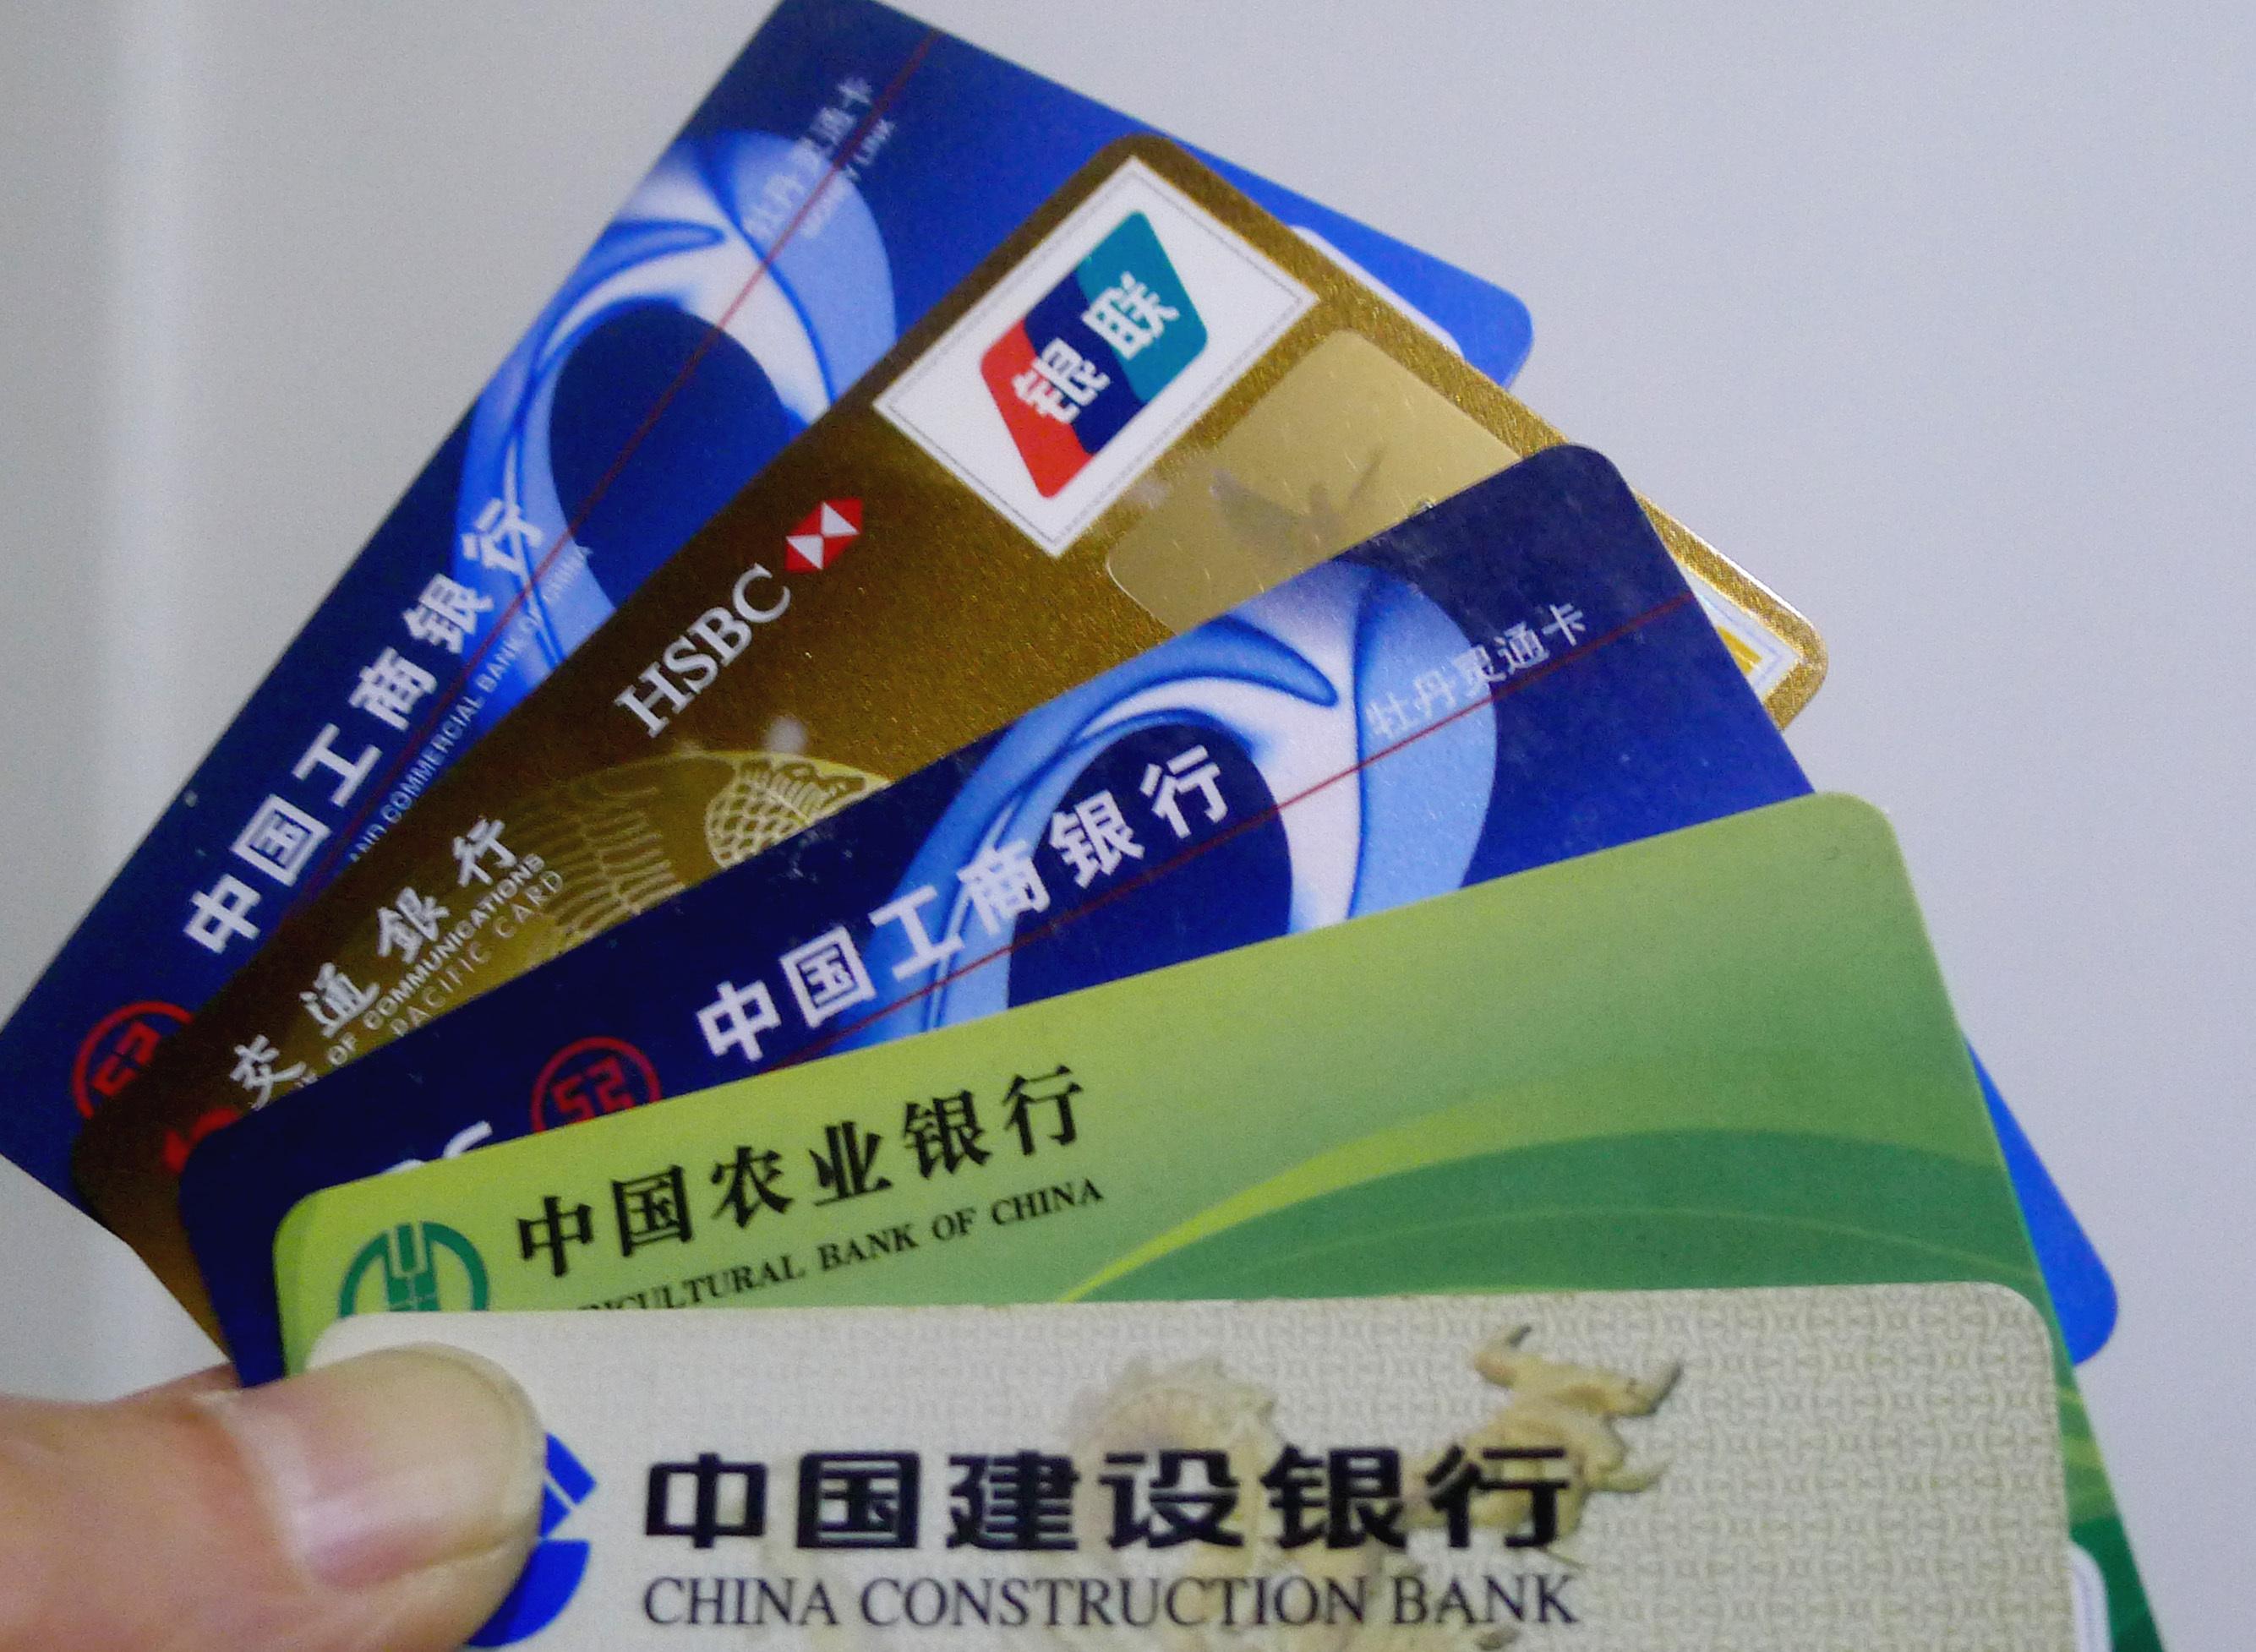 信用卡持卡人因其他原因被刑拘或判刑,银行会如何收回欠款?